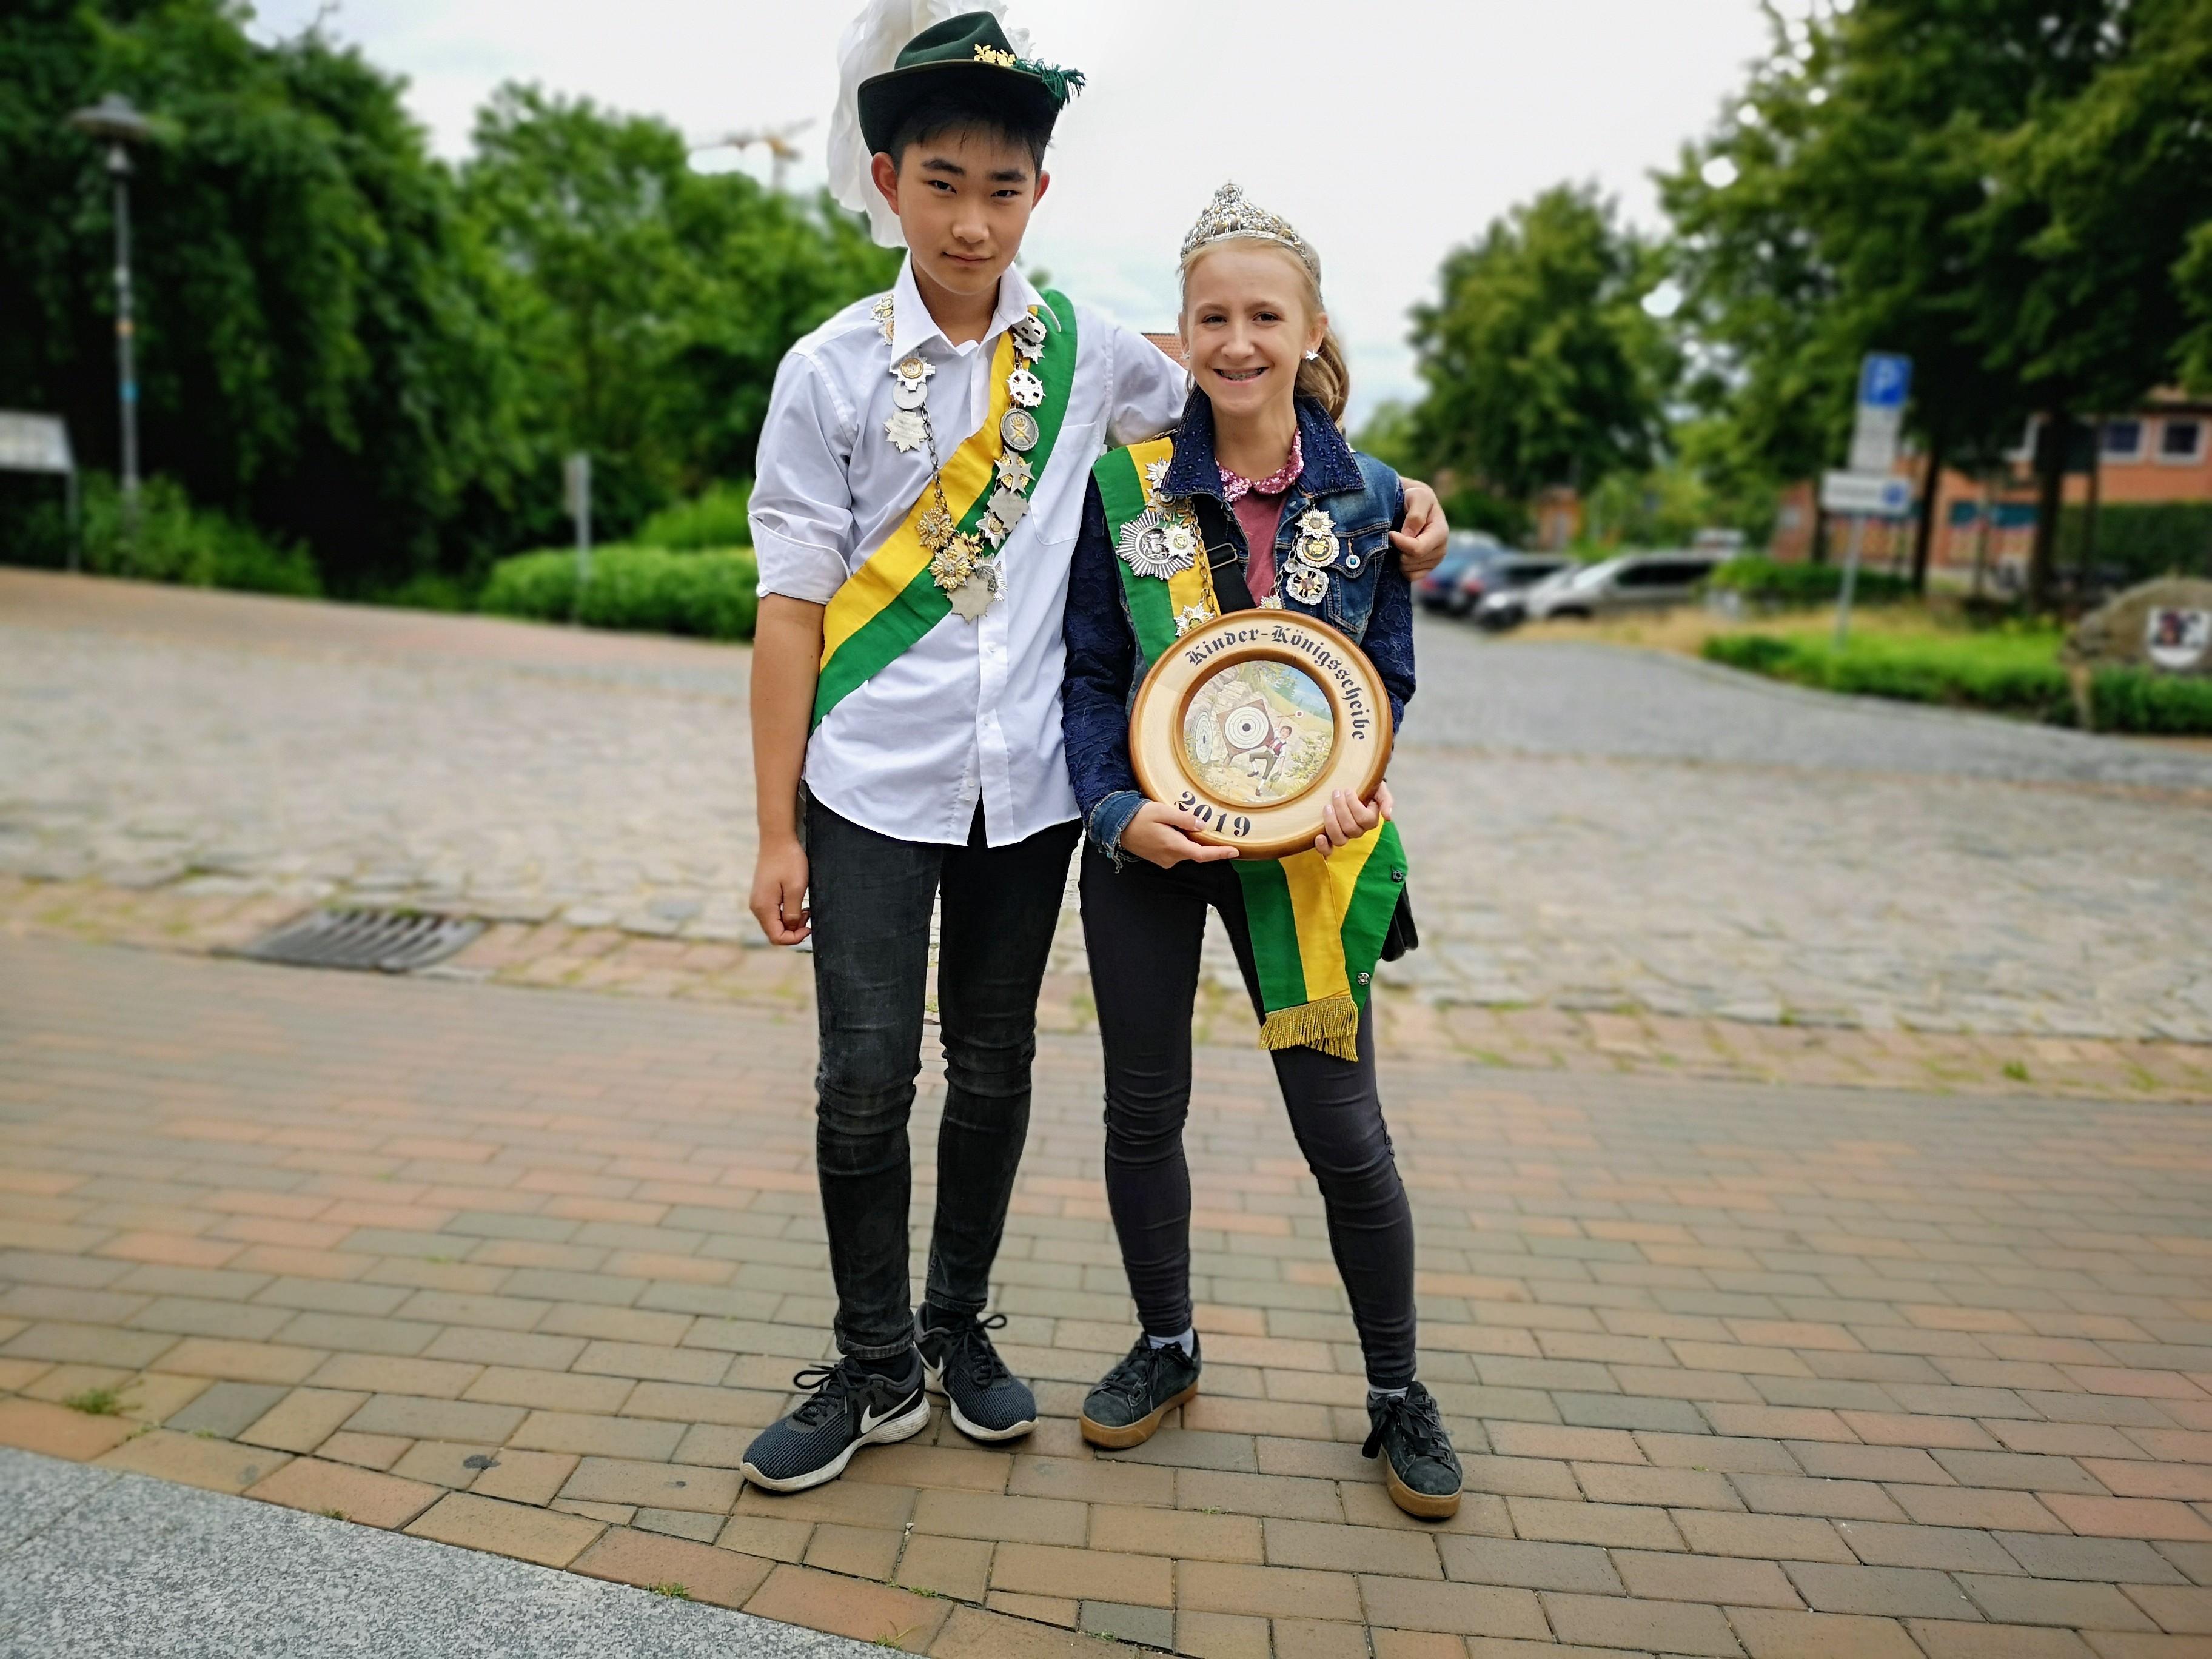 Kinderkönigspaar 2019/2020 Xiao Shang Guo und Natalia Pisarek